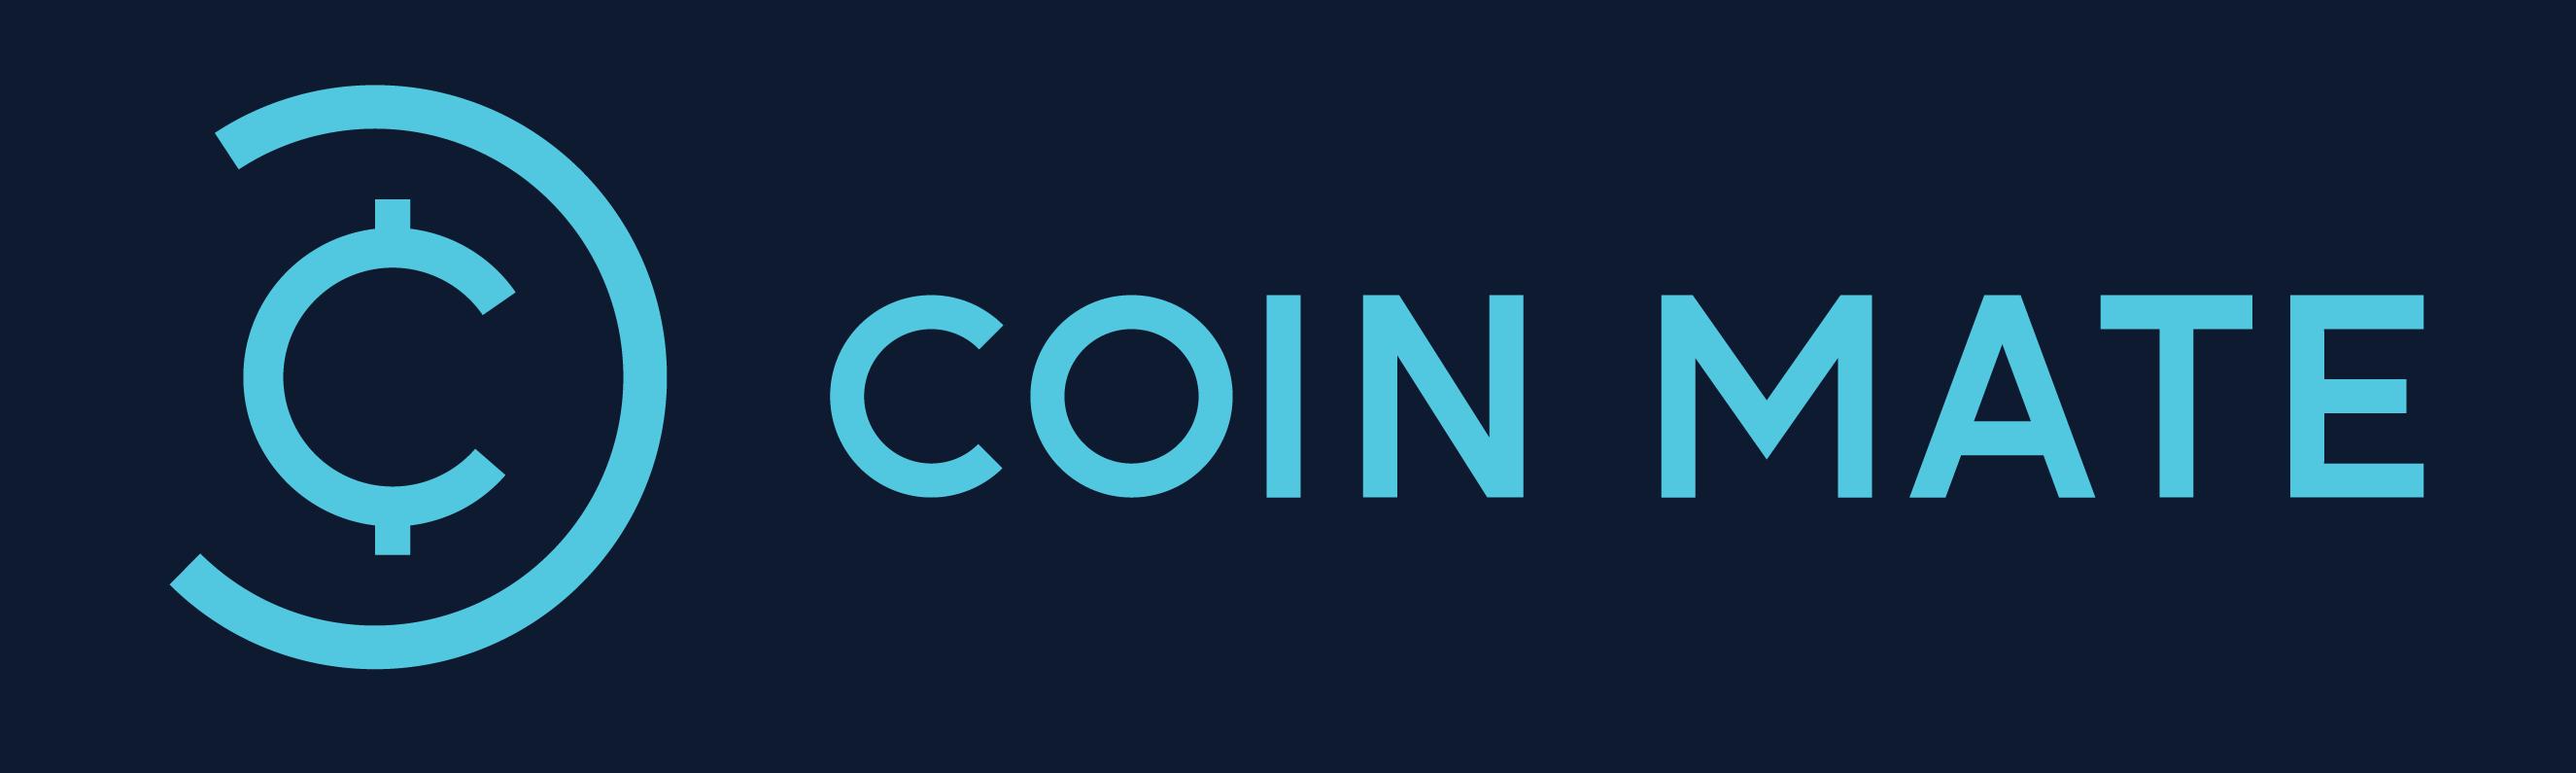 Nejlepší směnárny kryptoměn coinmate